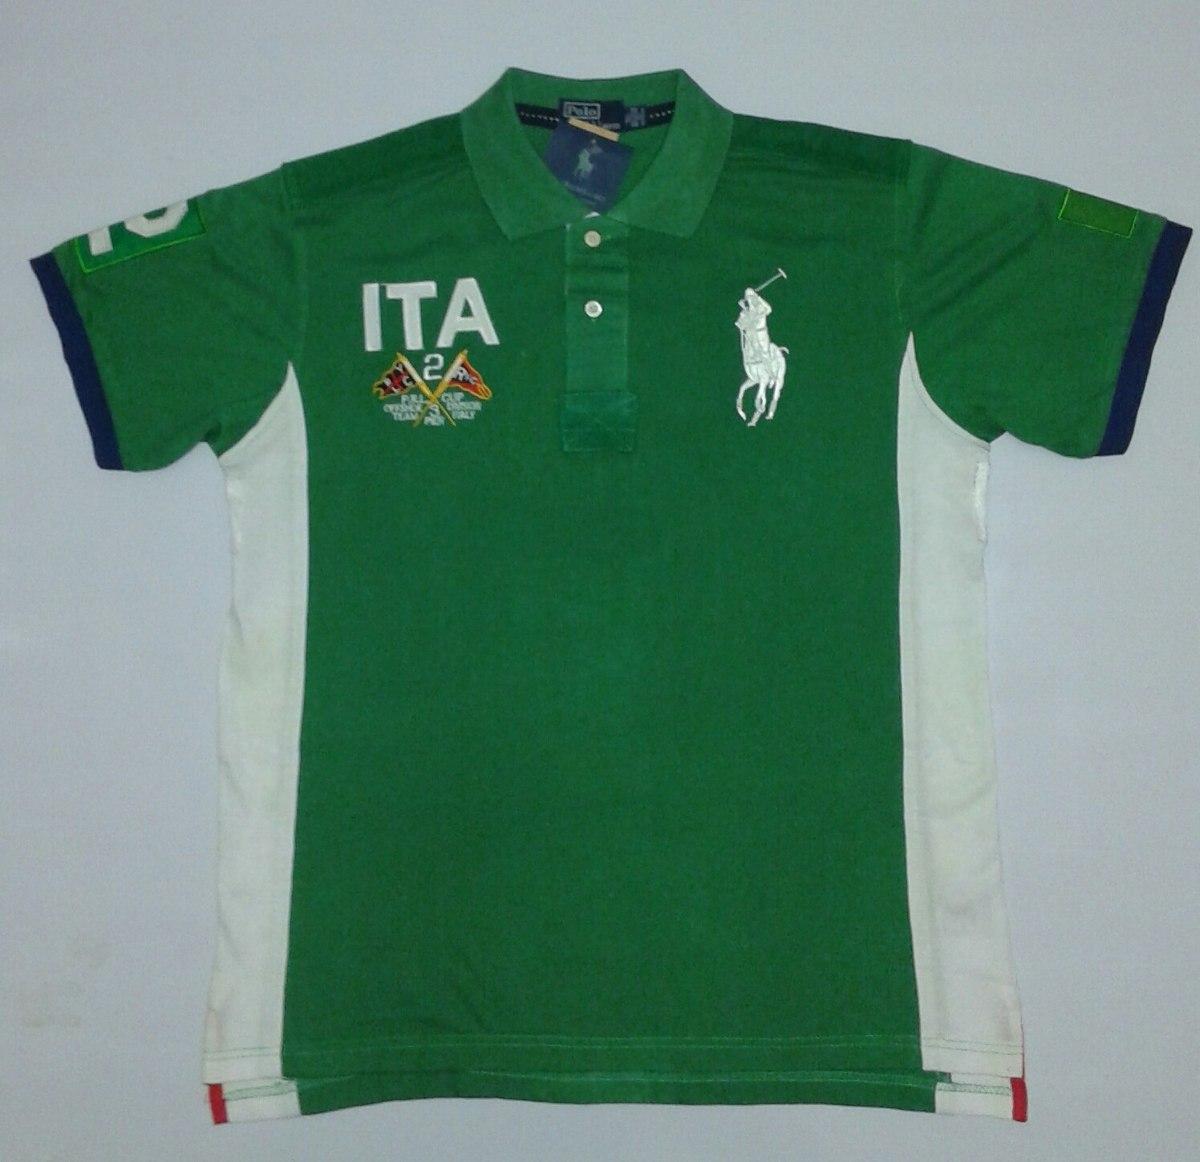 camisa polo ralph lauren paises itália austrália dubai. Carregando zoom. 345ad1d311a50